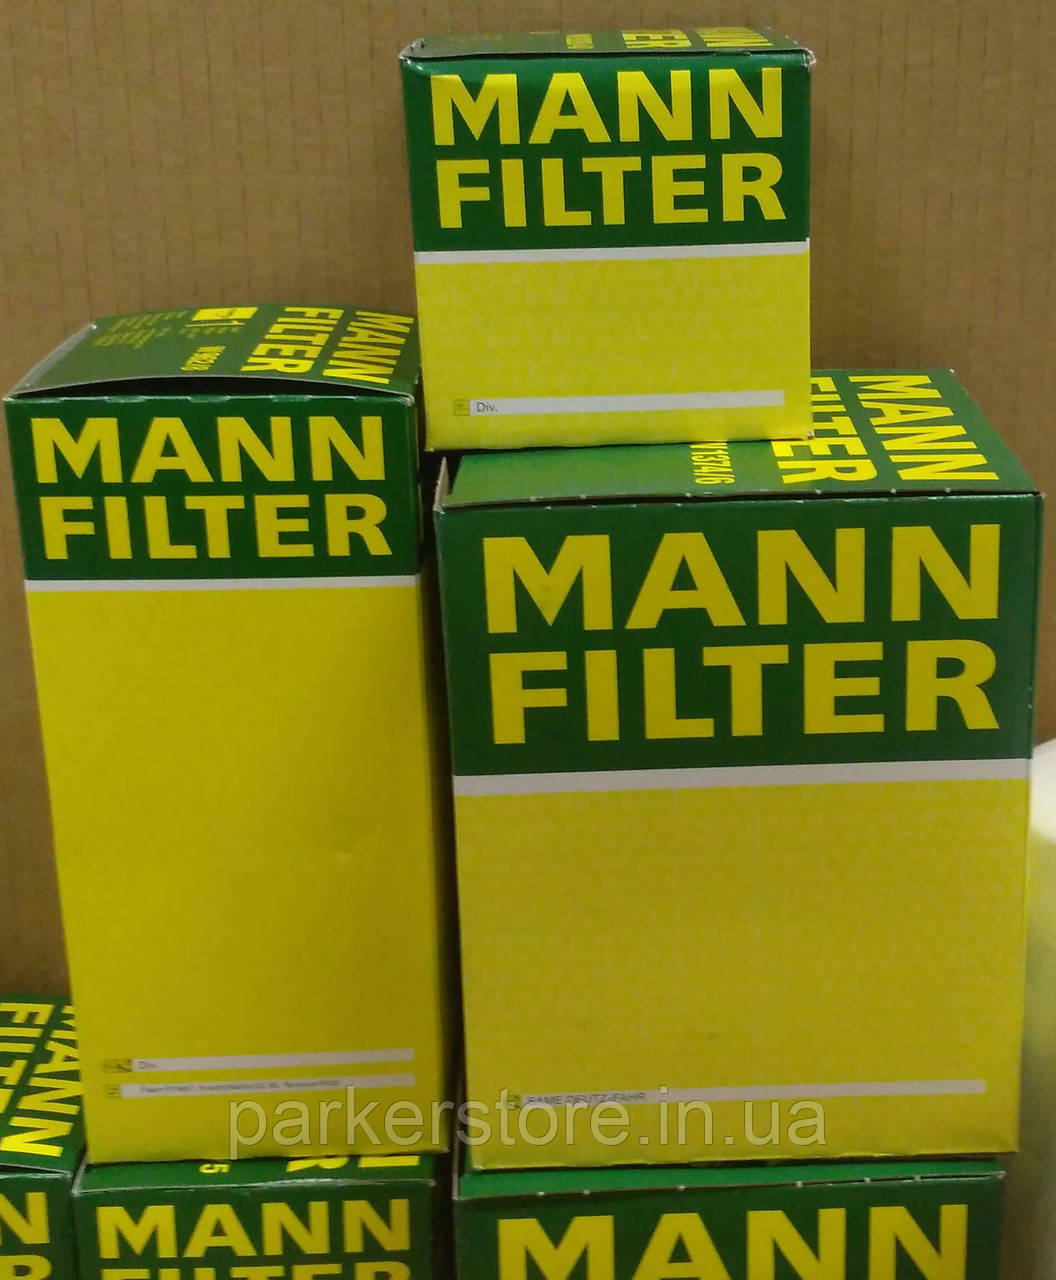 MANN FILTER / Повітряний фільтр / C 26 168/2 / C26168/2